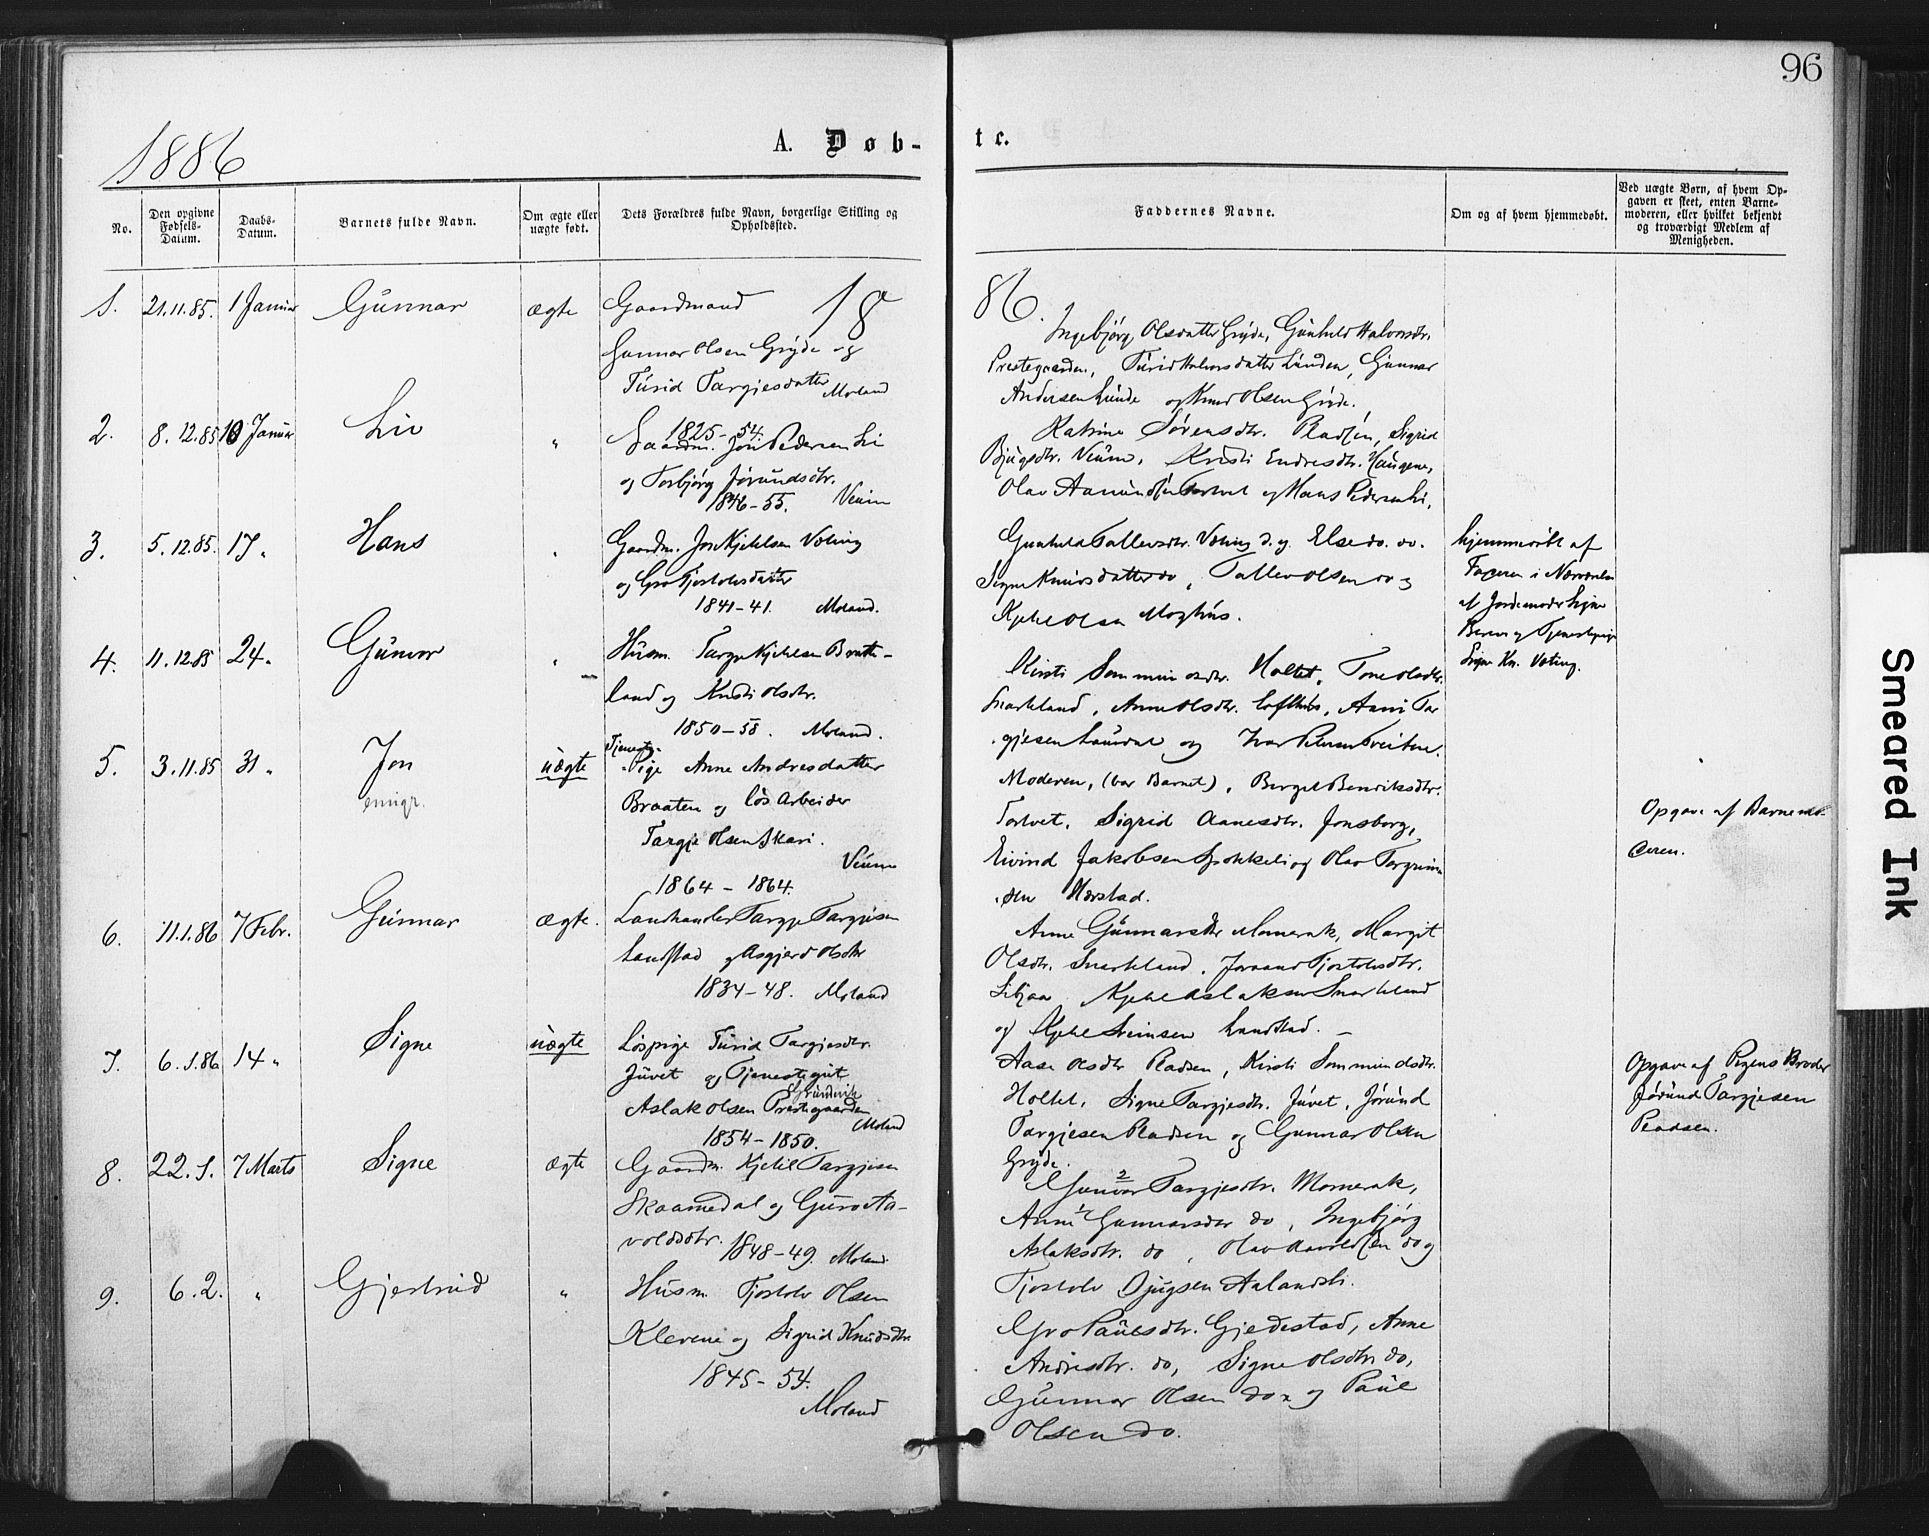 SAKO, Fyresdal kirkebøker, F/Fa/L0006: Ministerialbok nr. I 6, 1872-1886, s. 96